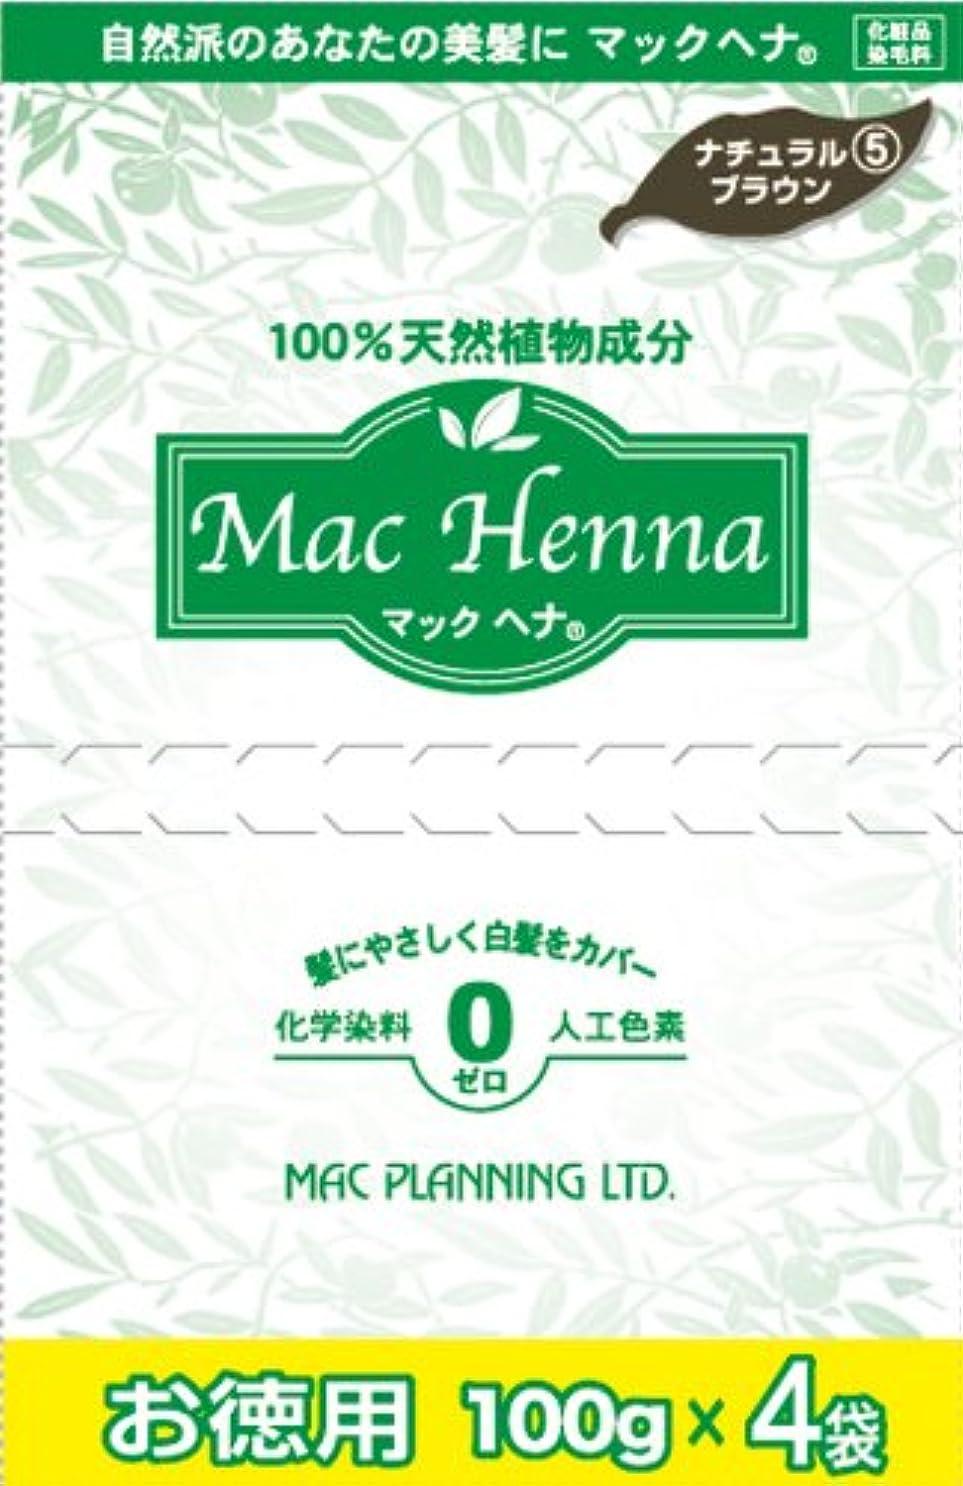 ゲージ天井体操選手天然植物原料100% 無添加 マックヘナ お徳用(ナチュラルブラウン)-5  400g(100g×4袋)2箱セット